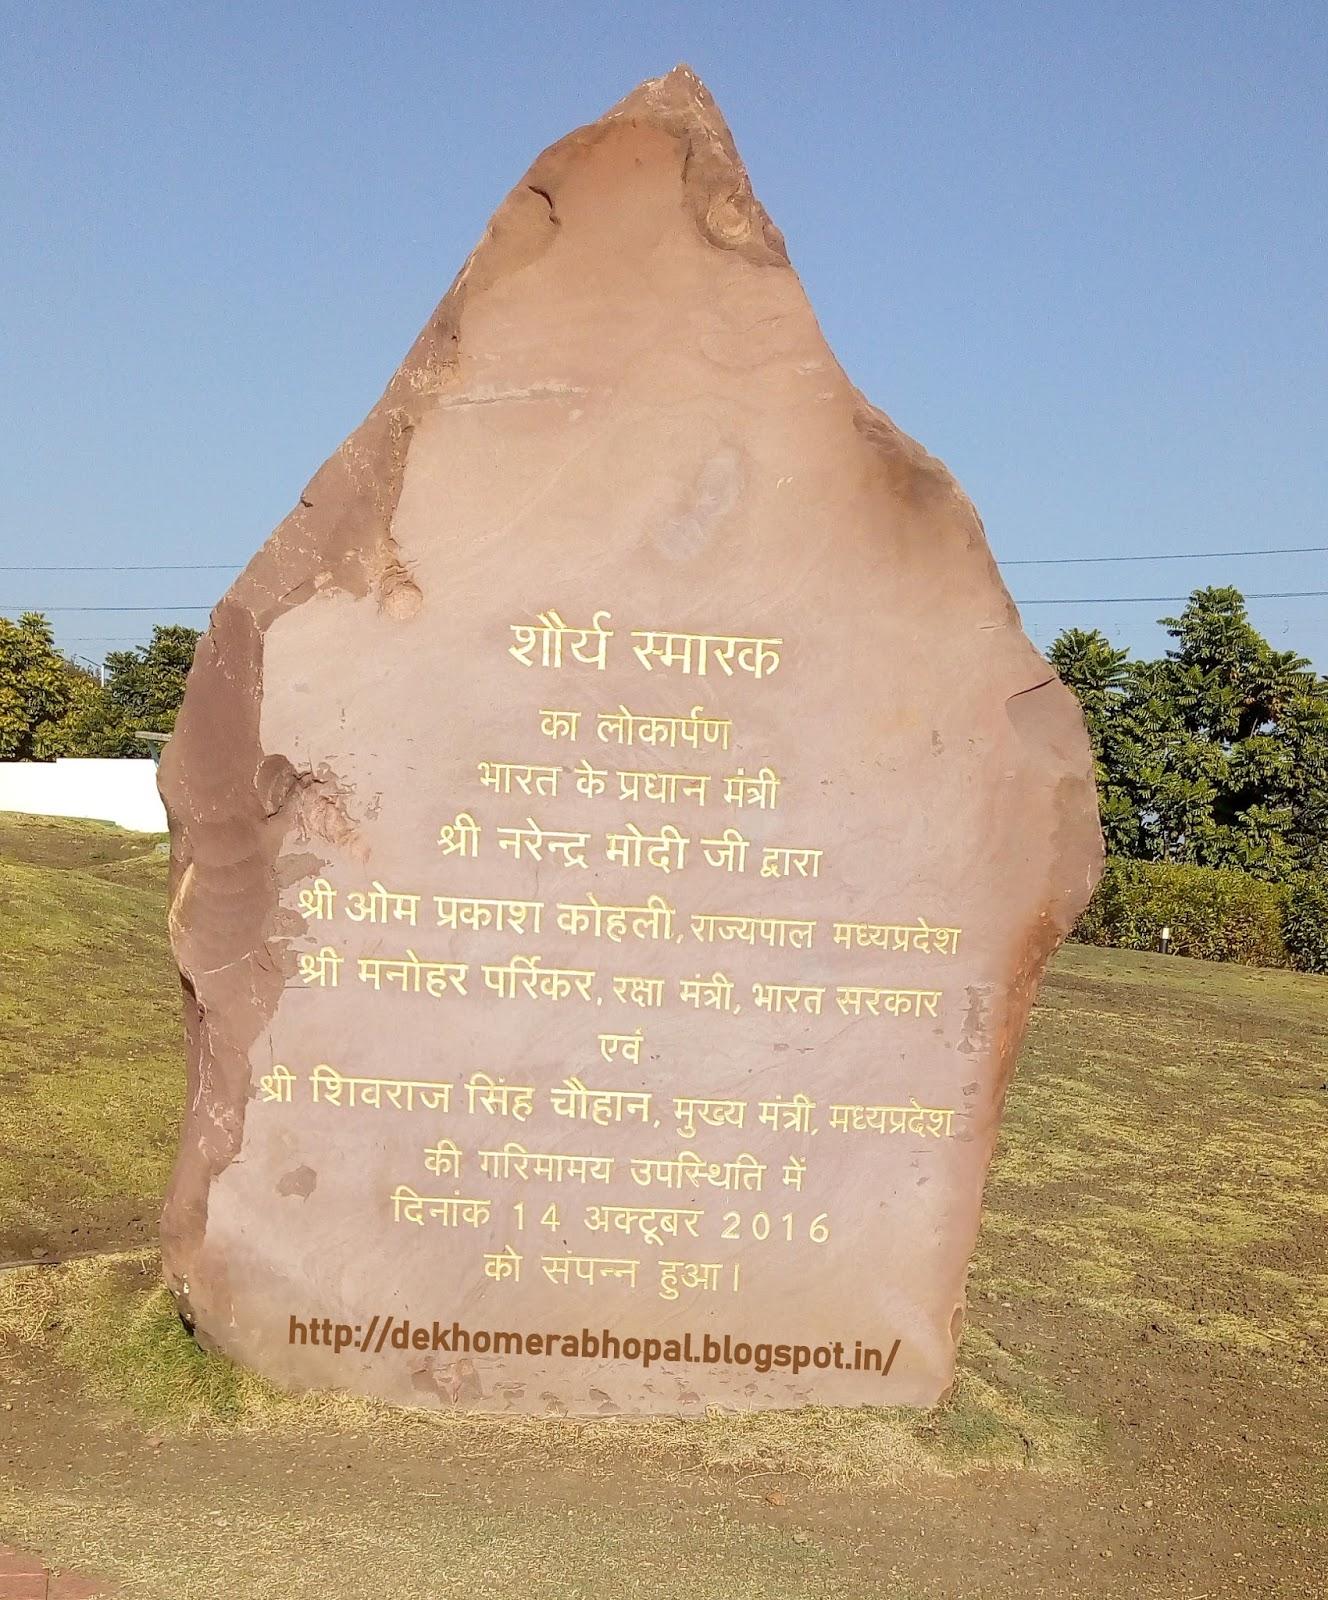 Dekho Mera Bhopal: Shaurya Smarak